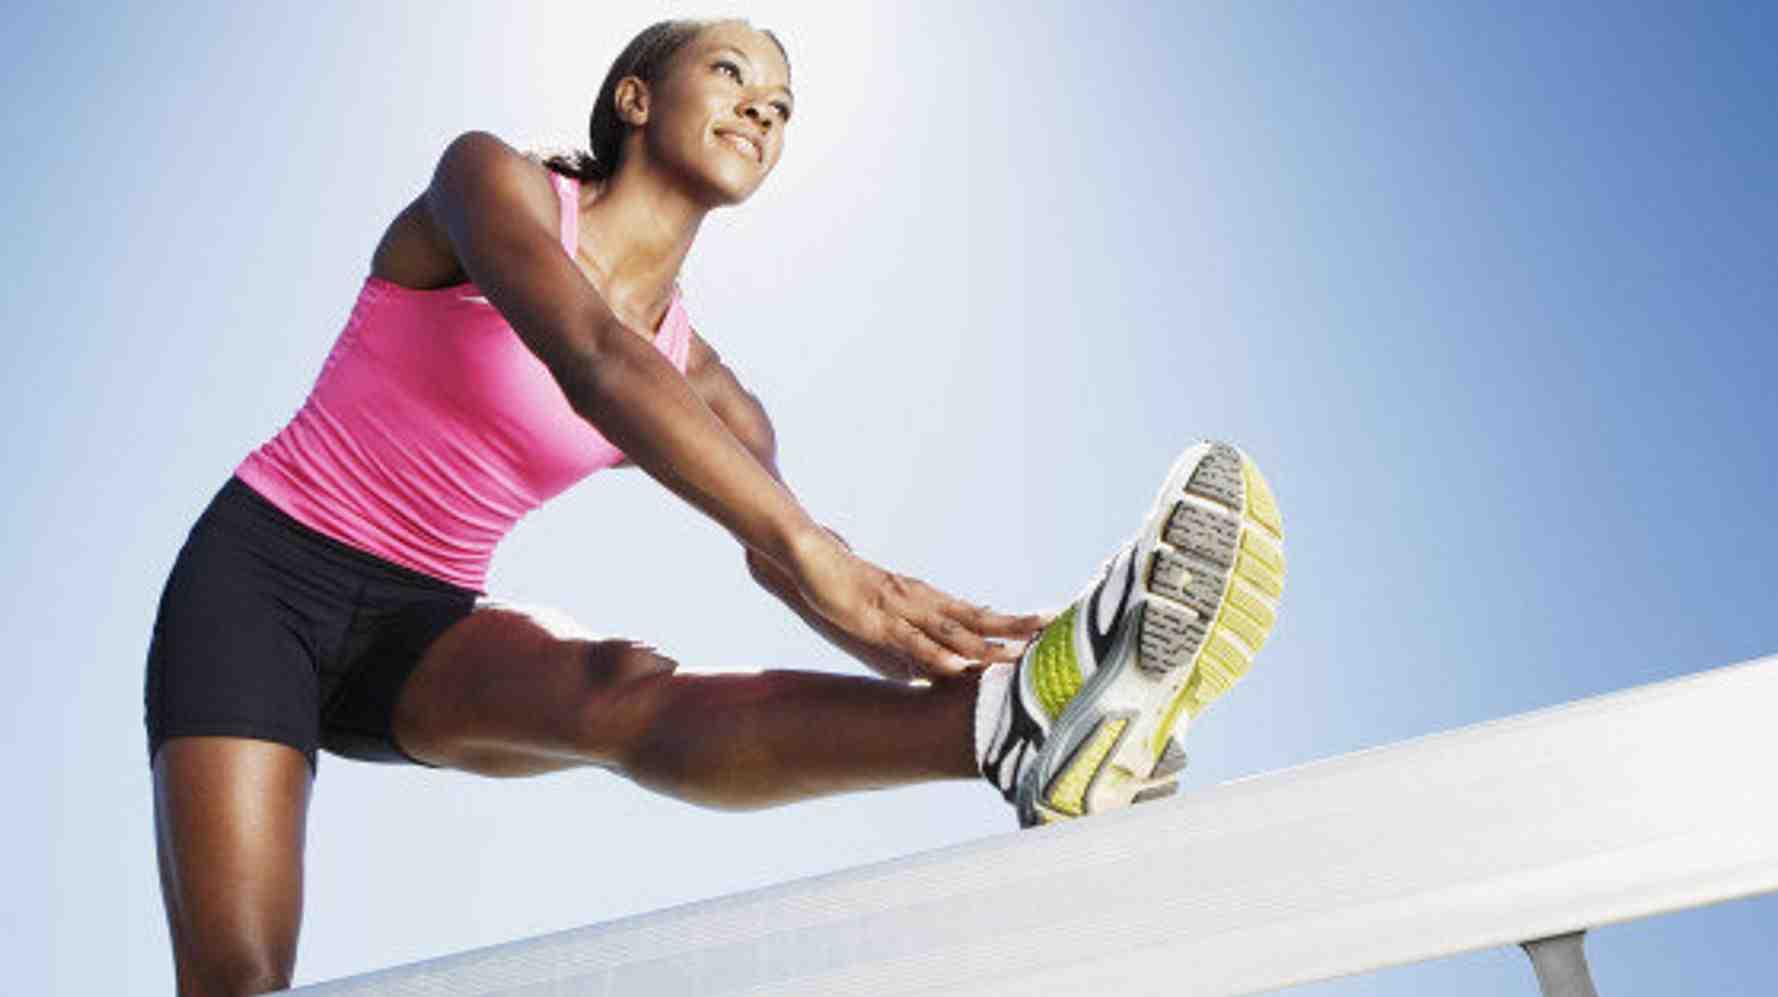 Quel est le sport le plus exigeant physiquement?